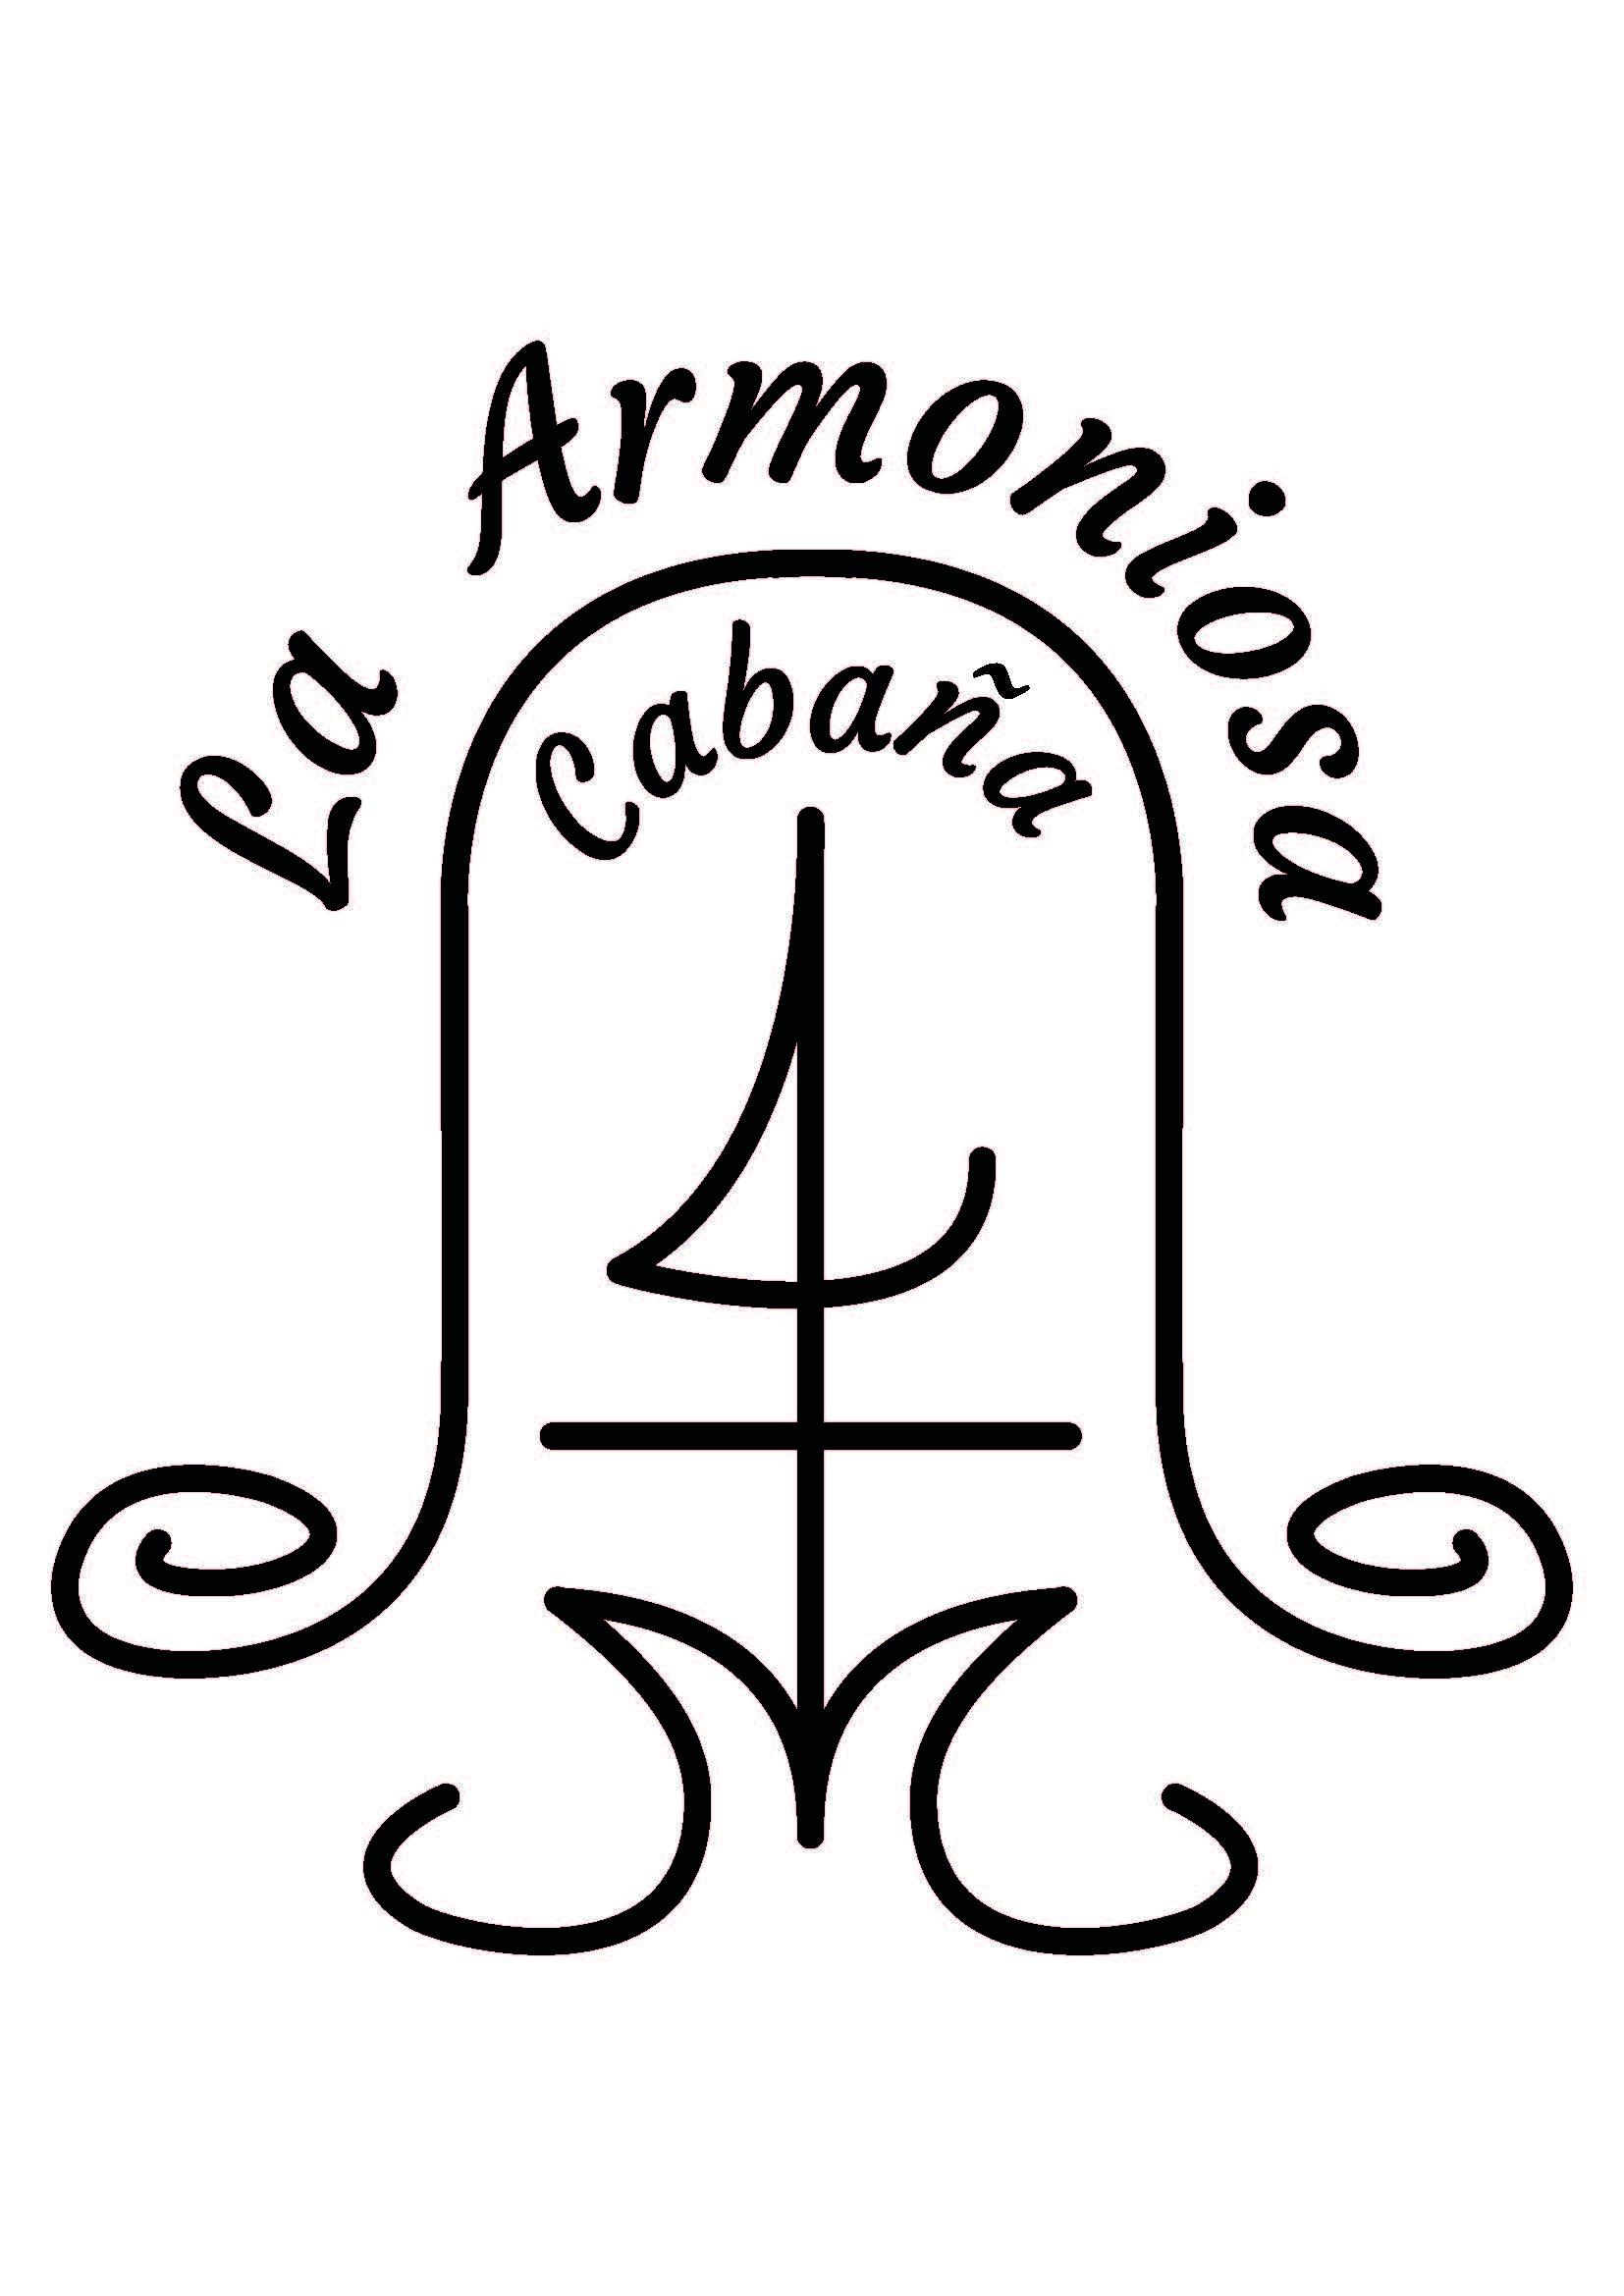 la-armoniosa